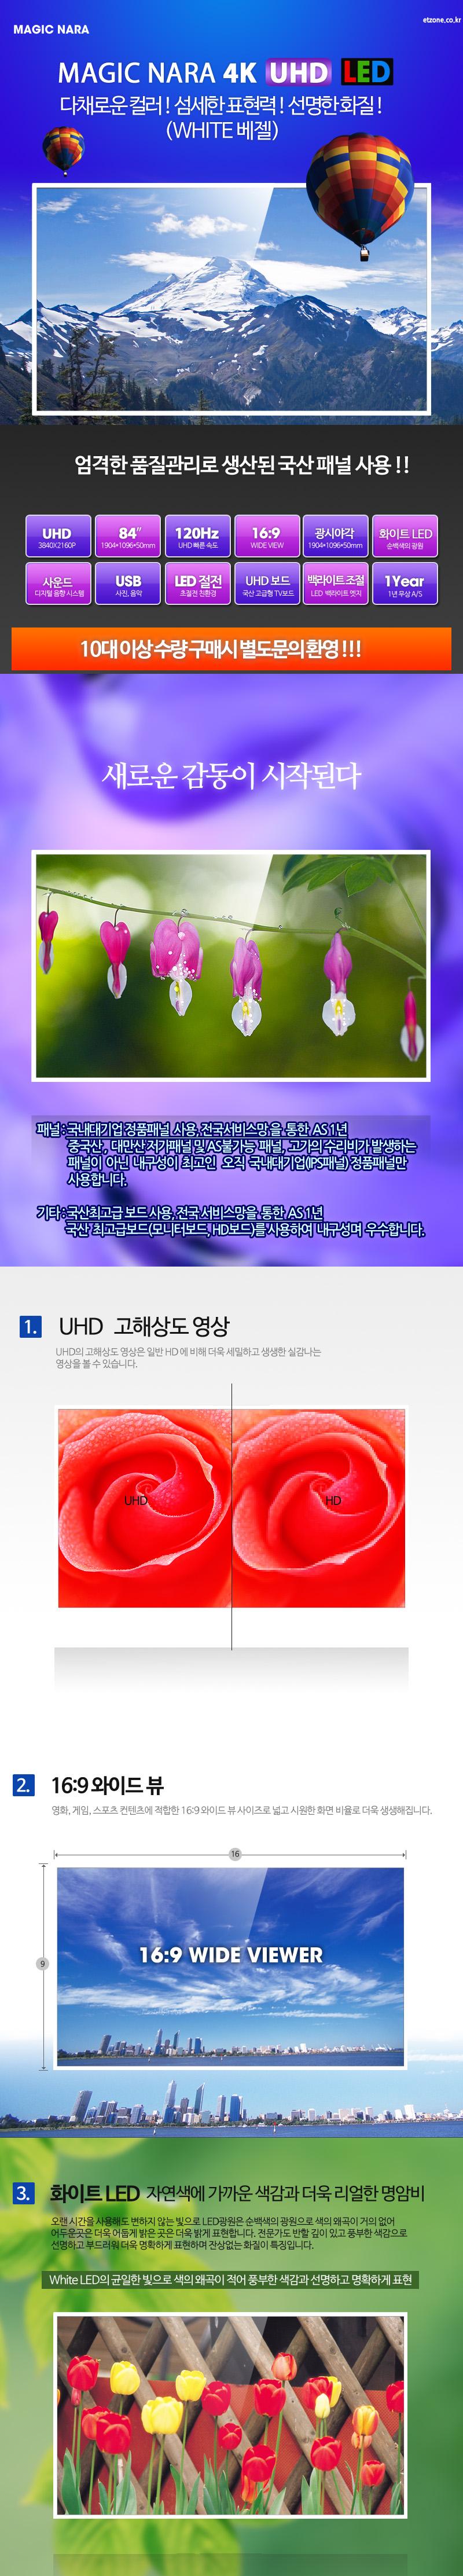 84-UHD-3.jpg